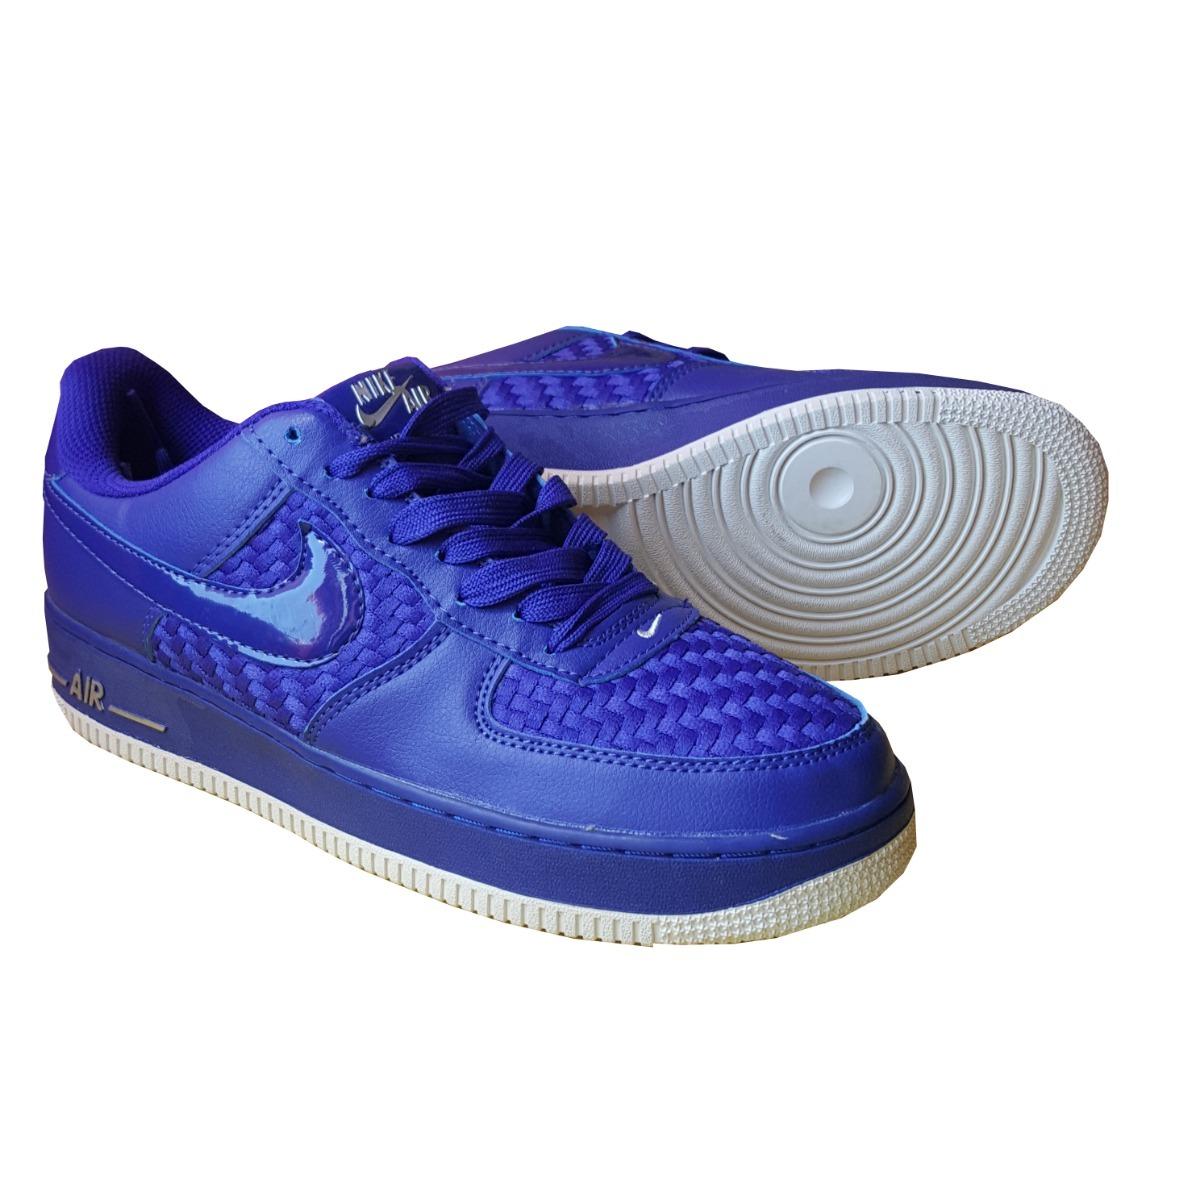 5da257d50b zapatillas nike airforce 1 azul 2018 hombre premium. Cargando zoom.